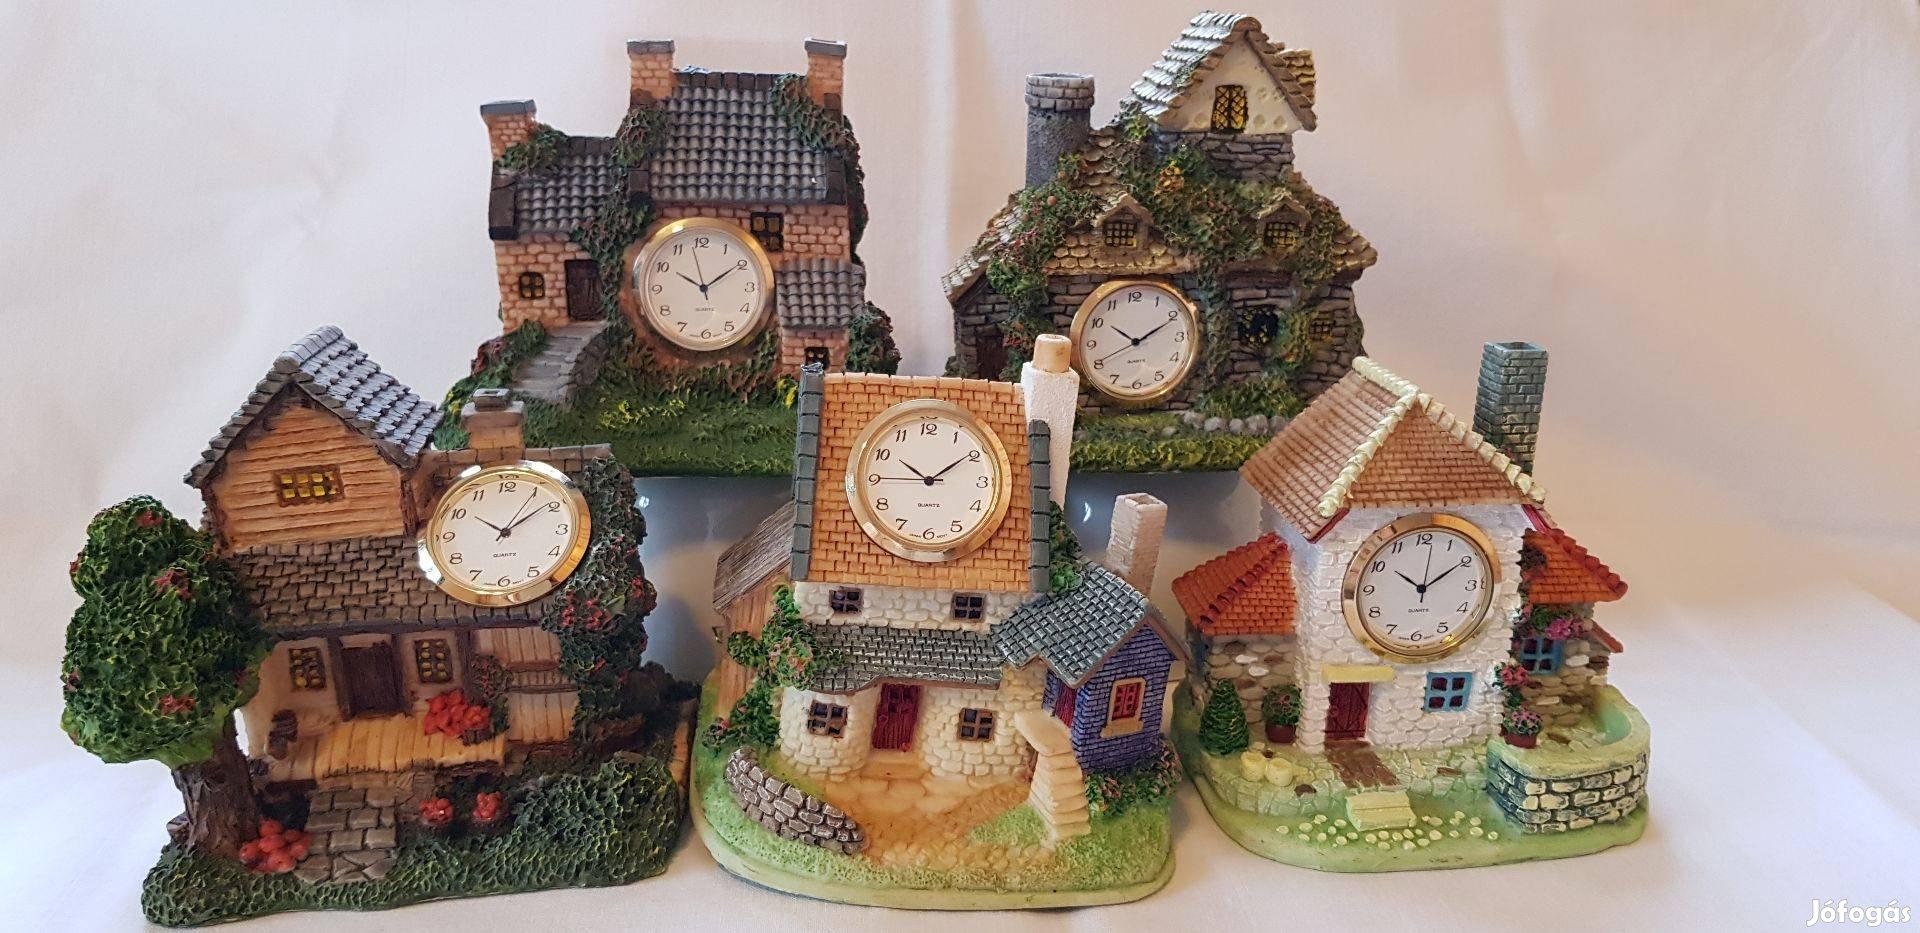 Díszórák, dísztárgyak, ajándék tárgyak, kézzel festett ajándékok, 2. Kép